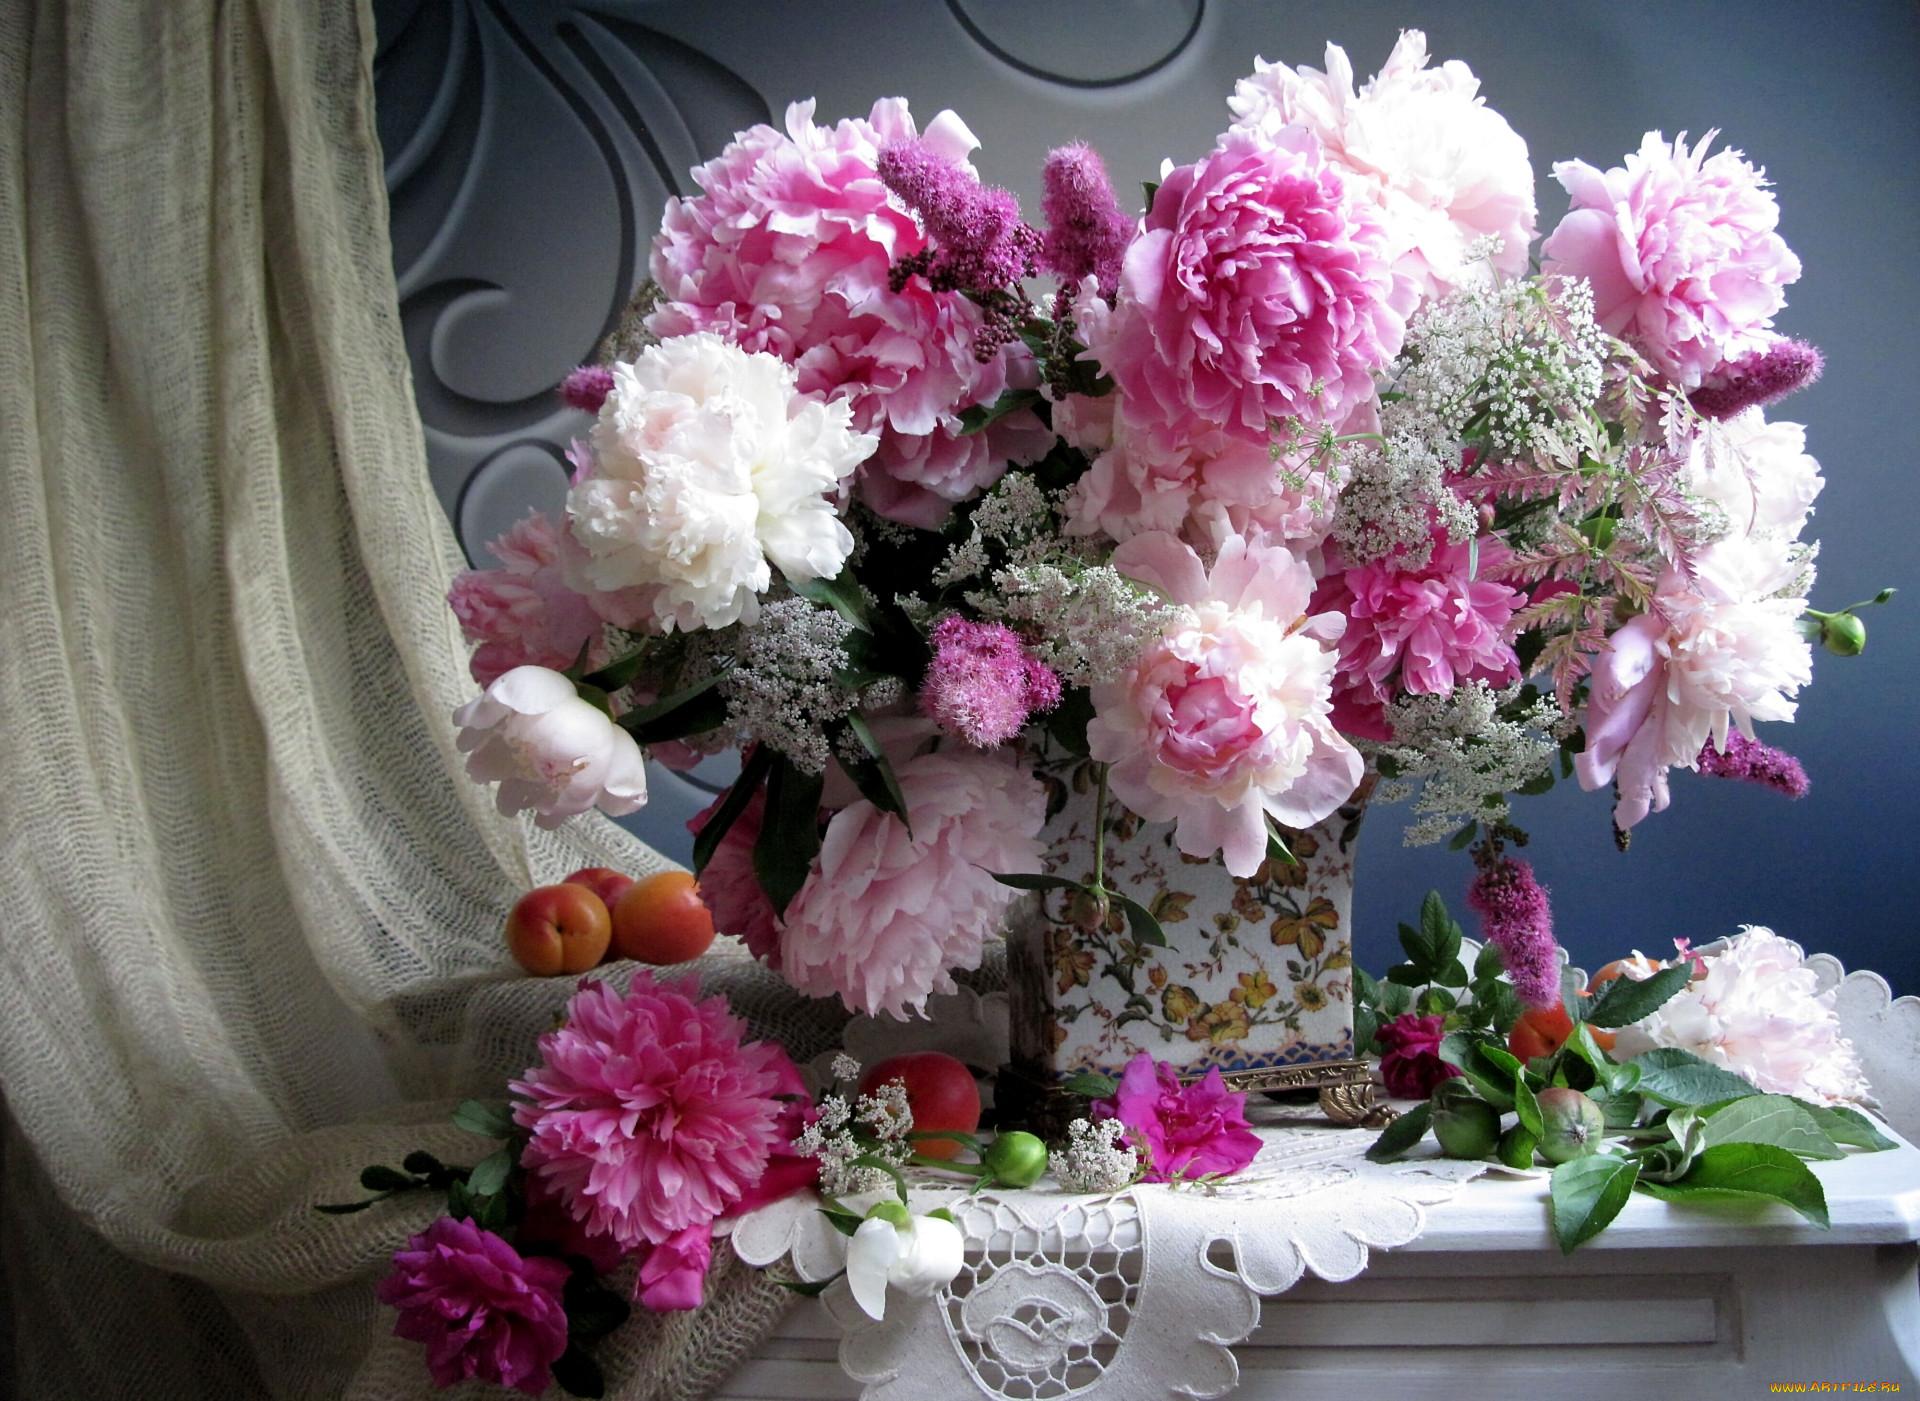 фото природы найти красивые фото цветов на первое учитывать только